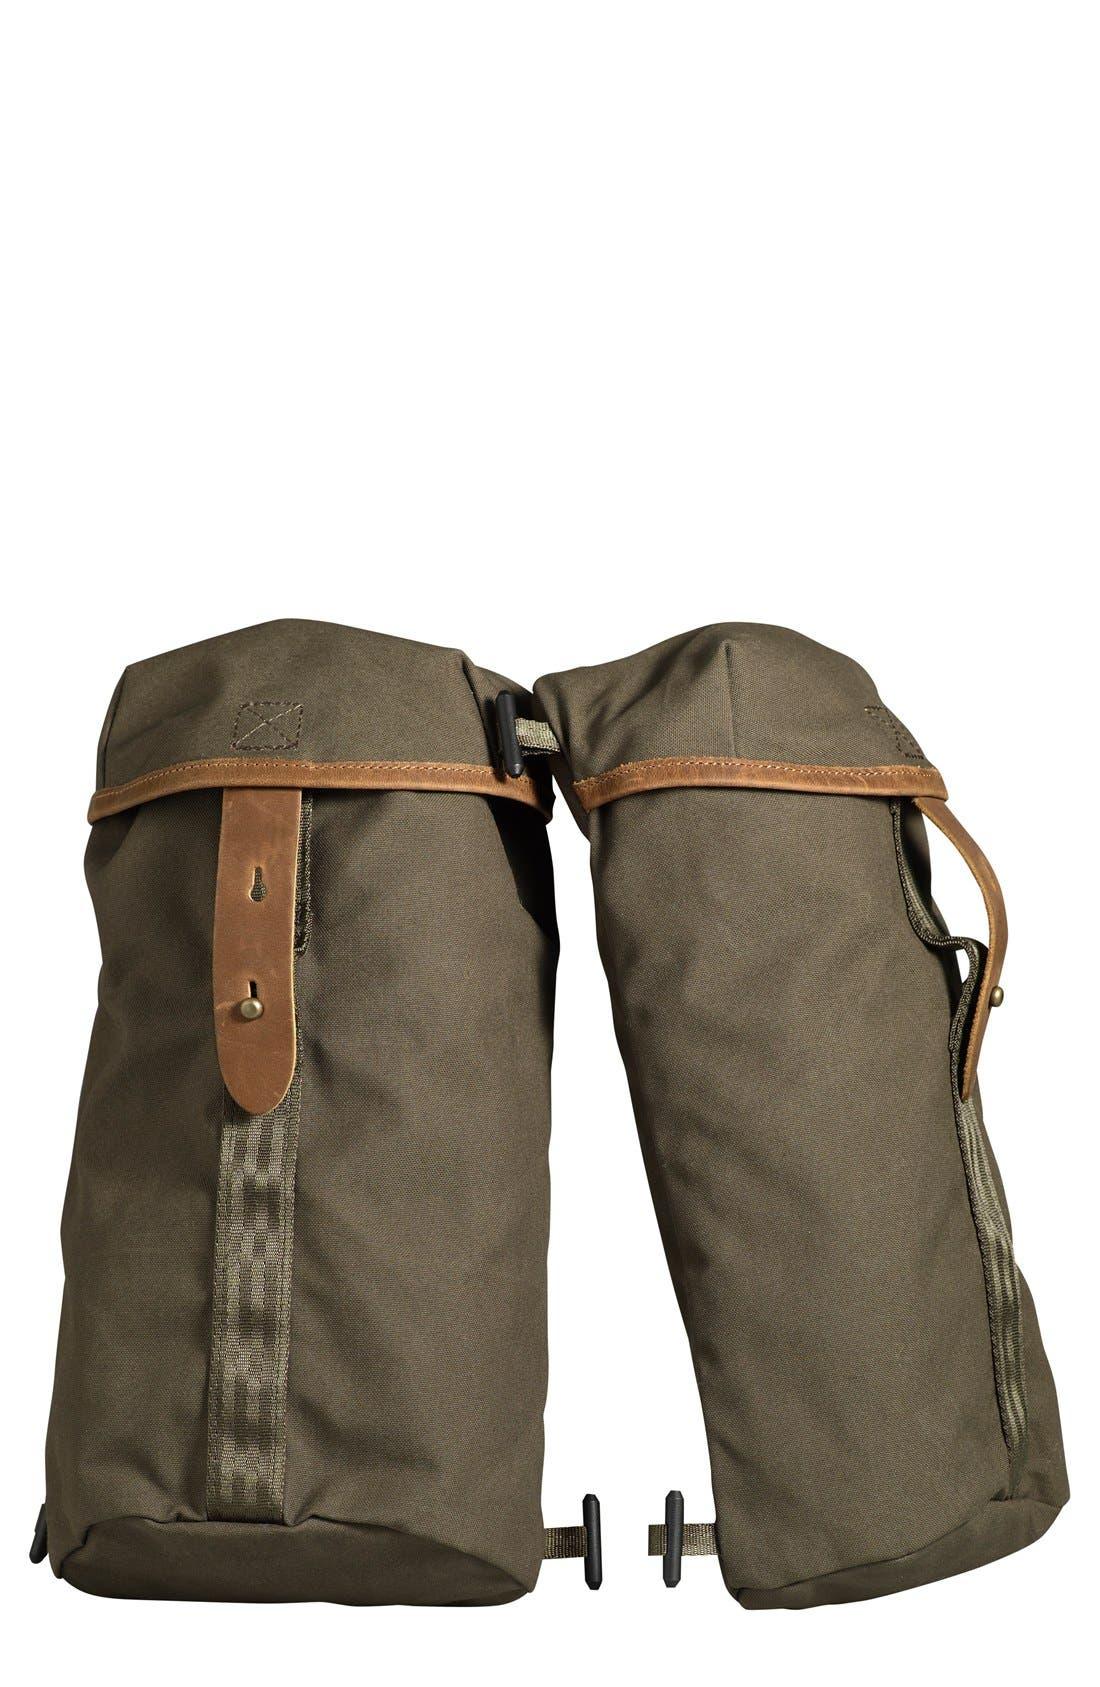 'Stubben' Side Attachment Bags,                             Main thumbnail 1, color,                             303